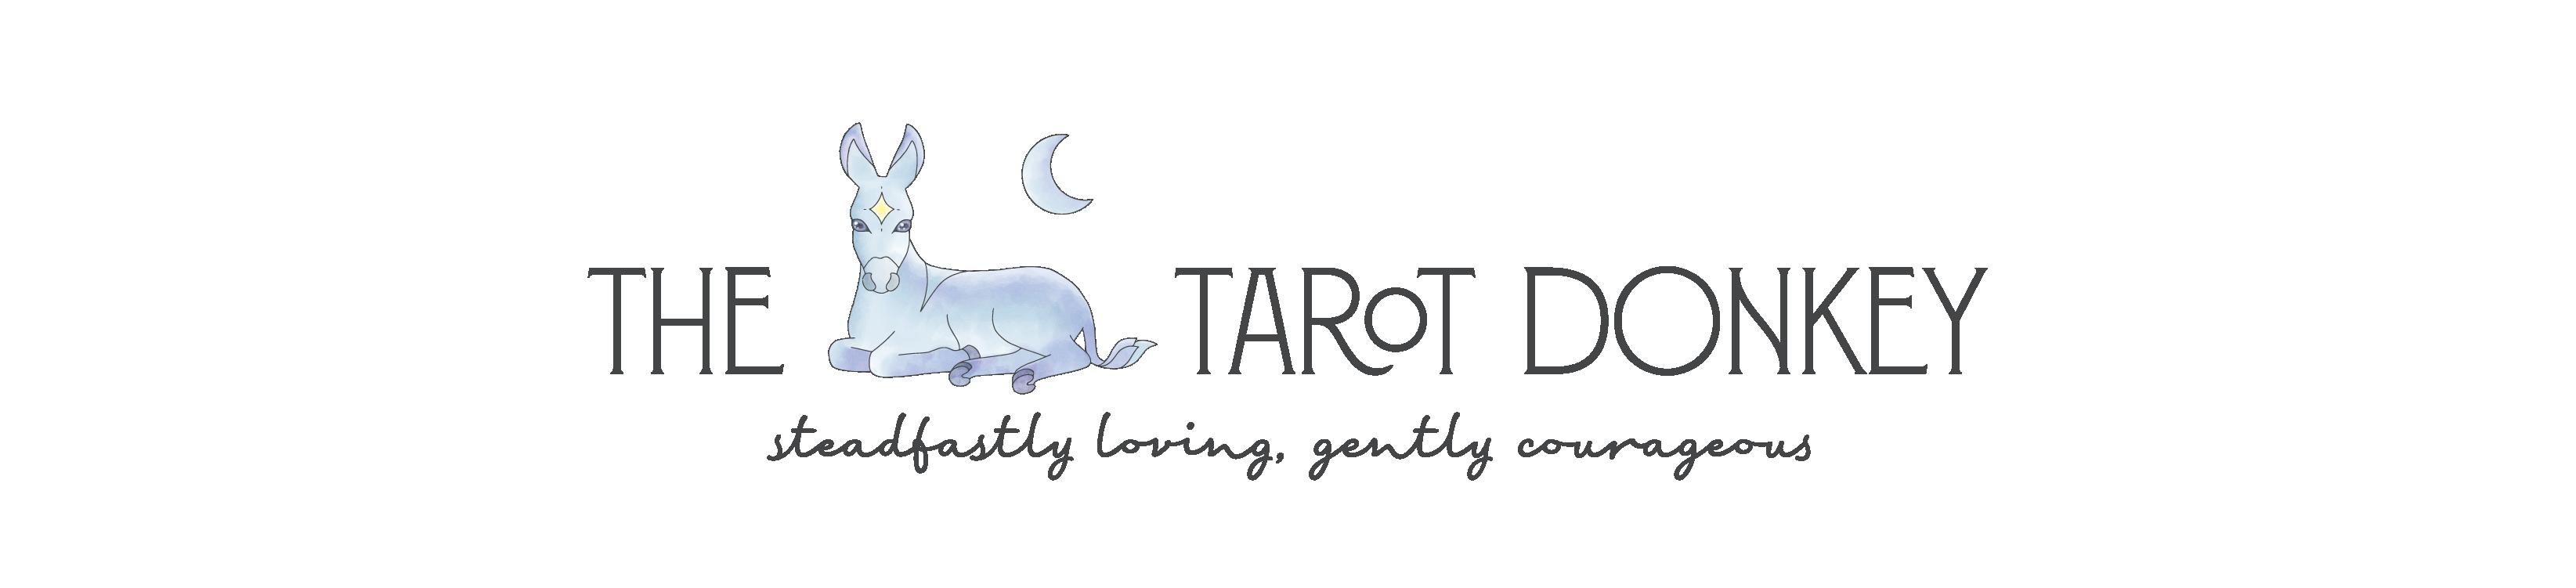 The Tarot Donkey